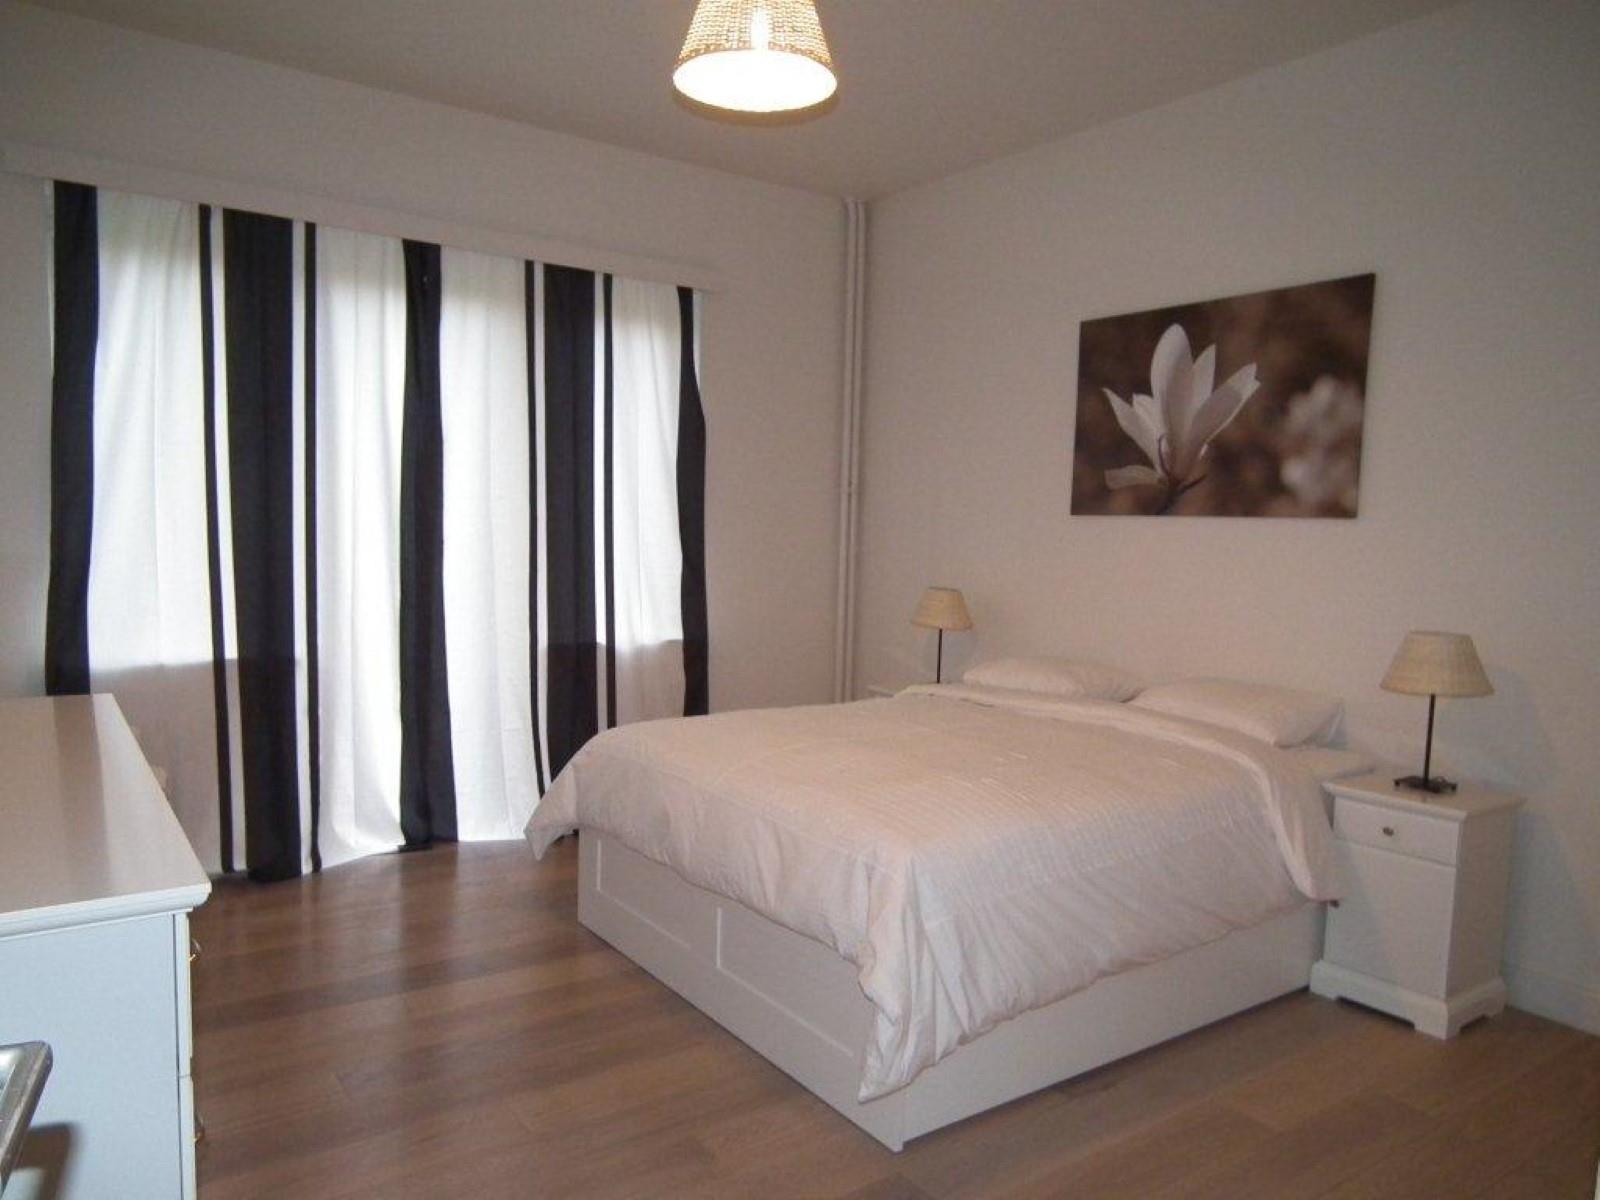 Flat - Ixelles - #3551867-5